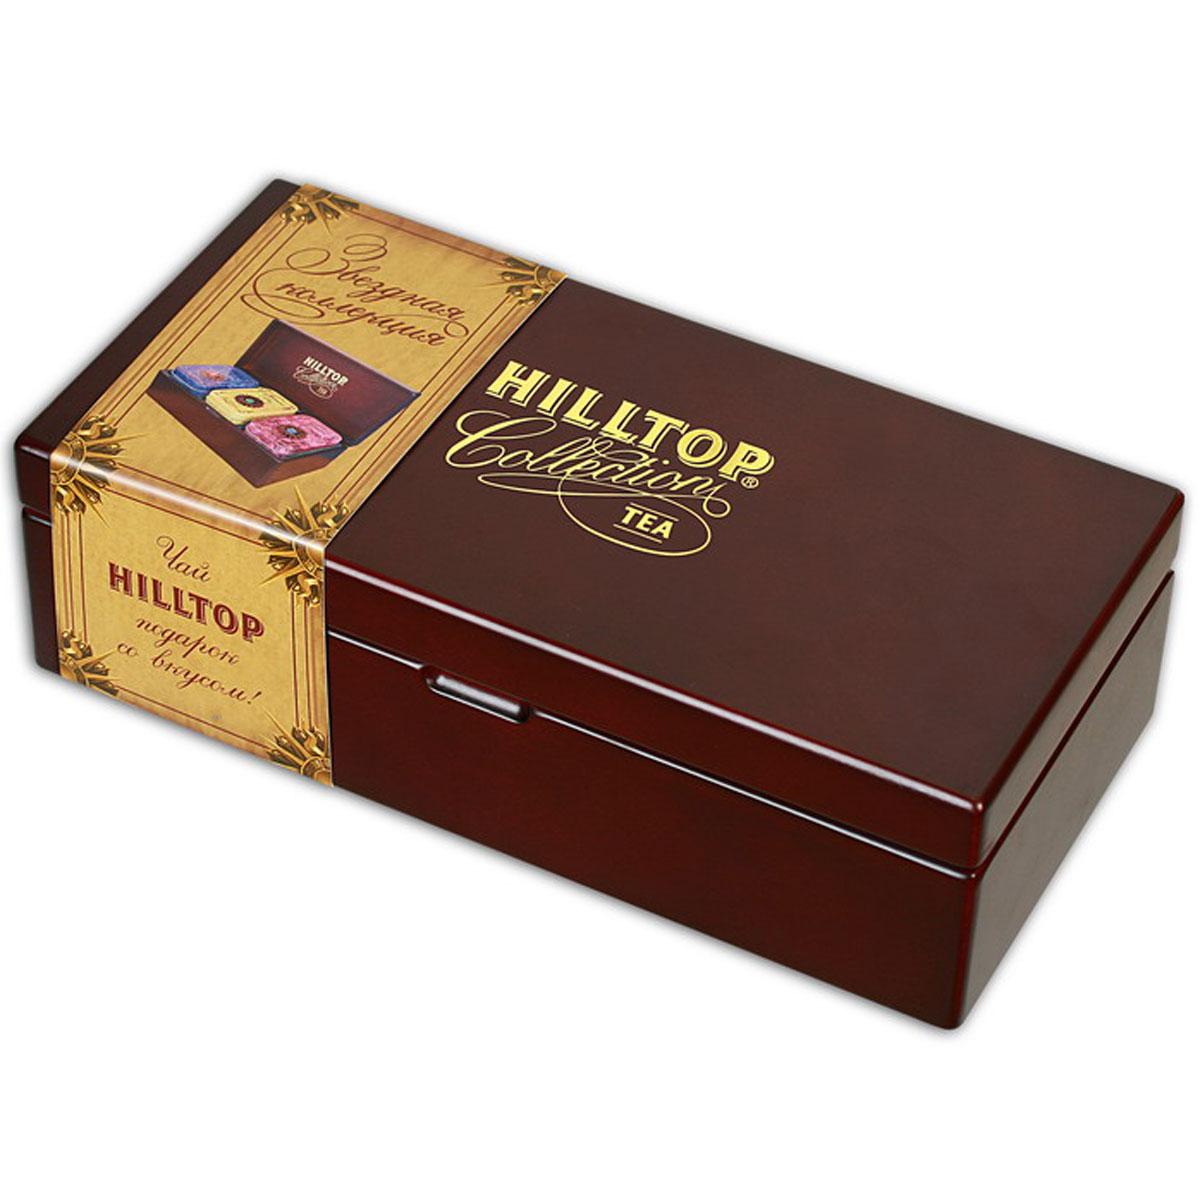 Hilltop Звездная коллекция малая, набор листового чая, 170 г0120710Hilltop Звездная коллекция малая вы найдете в деревянной шкатулке с крышкой. Чай помещен в три стилизованные жестяные чайницы. Набор станет прекрасным и дорогим подарком, либо украсит ваш дом и праздничный стол.Цейлонское утро — классический цейлонский черный чай с терпким вкусом, мягким ароматом и тонизирующими свойствами. Отлично дополняет завтрак или праздничный сладкий стол.Жасминовый чай — изысканный успокаивающий с нежным вкусом жасмина и тонким ароматом свежести.Волшебная луна — необычная смесь цейлонского черного чая и зеленого чая Сенча. Необычная, как сама тайна... С добавлением лепестков подсолнечника, розы, плодов шиповника и кусочков папайи. С нотами натурального масла дыни, смородины, земляники и абрикоса.